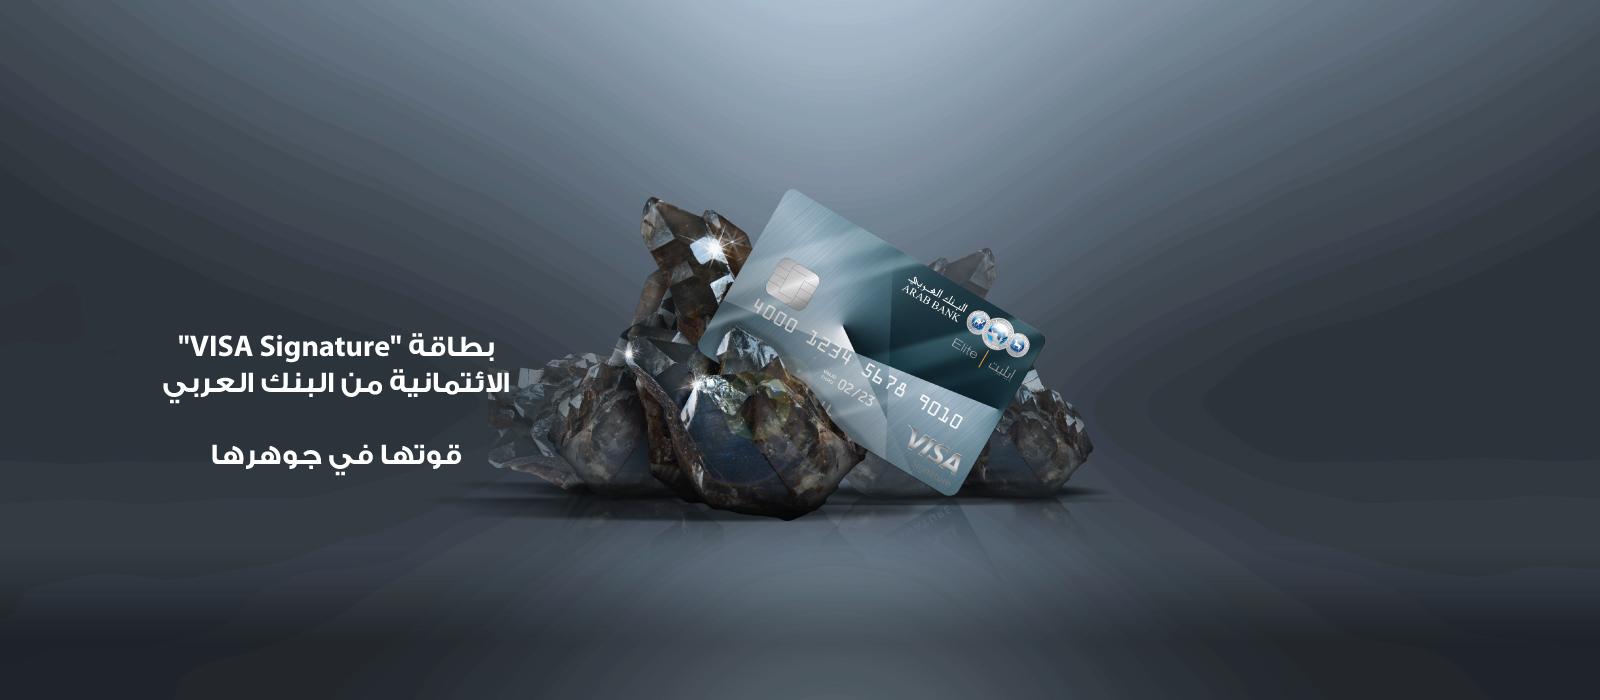 Visa-Signature-1600x700-A